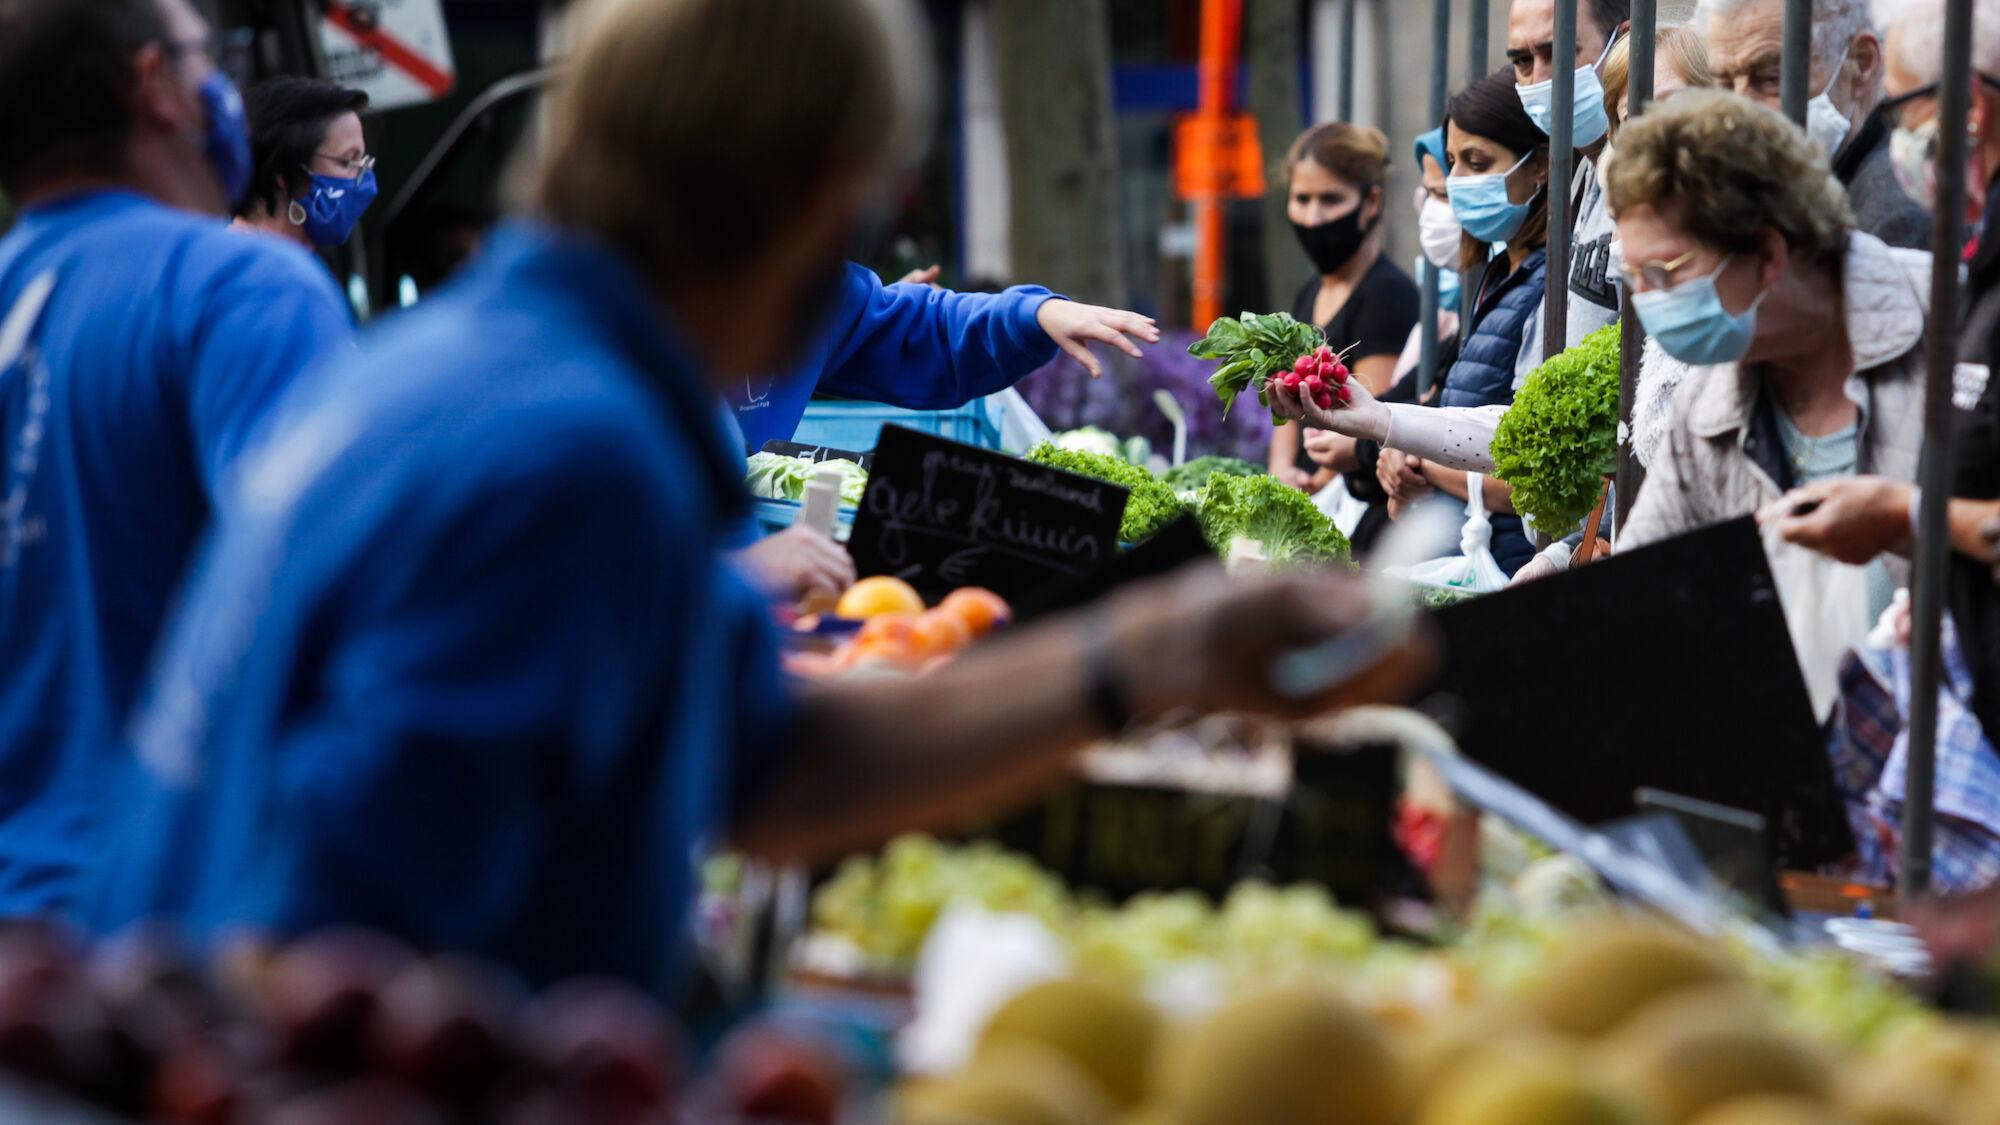 2020-09-20 Wijk 9 Bloemekeswijk Markt Van Beverenplein IMG_9574.jpg